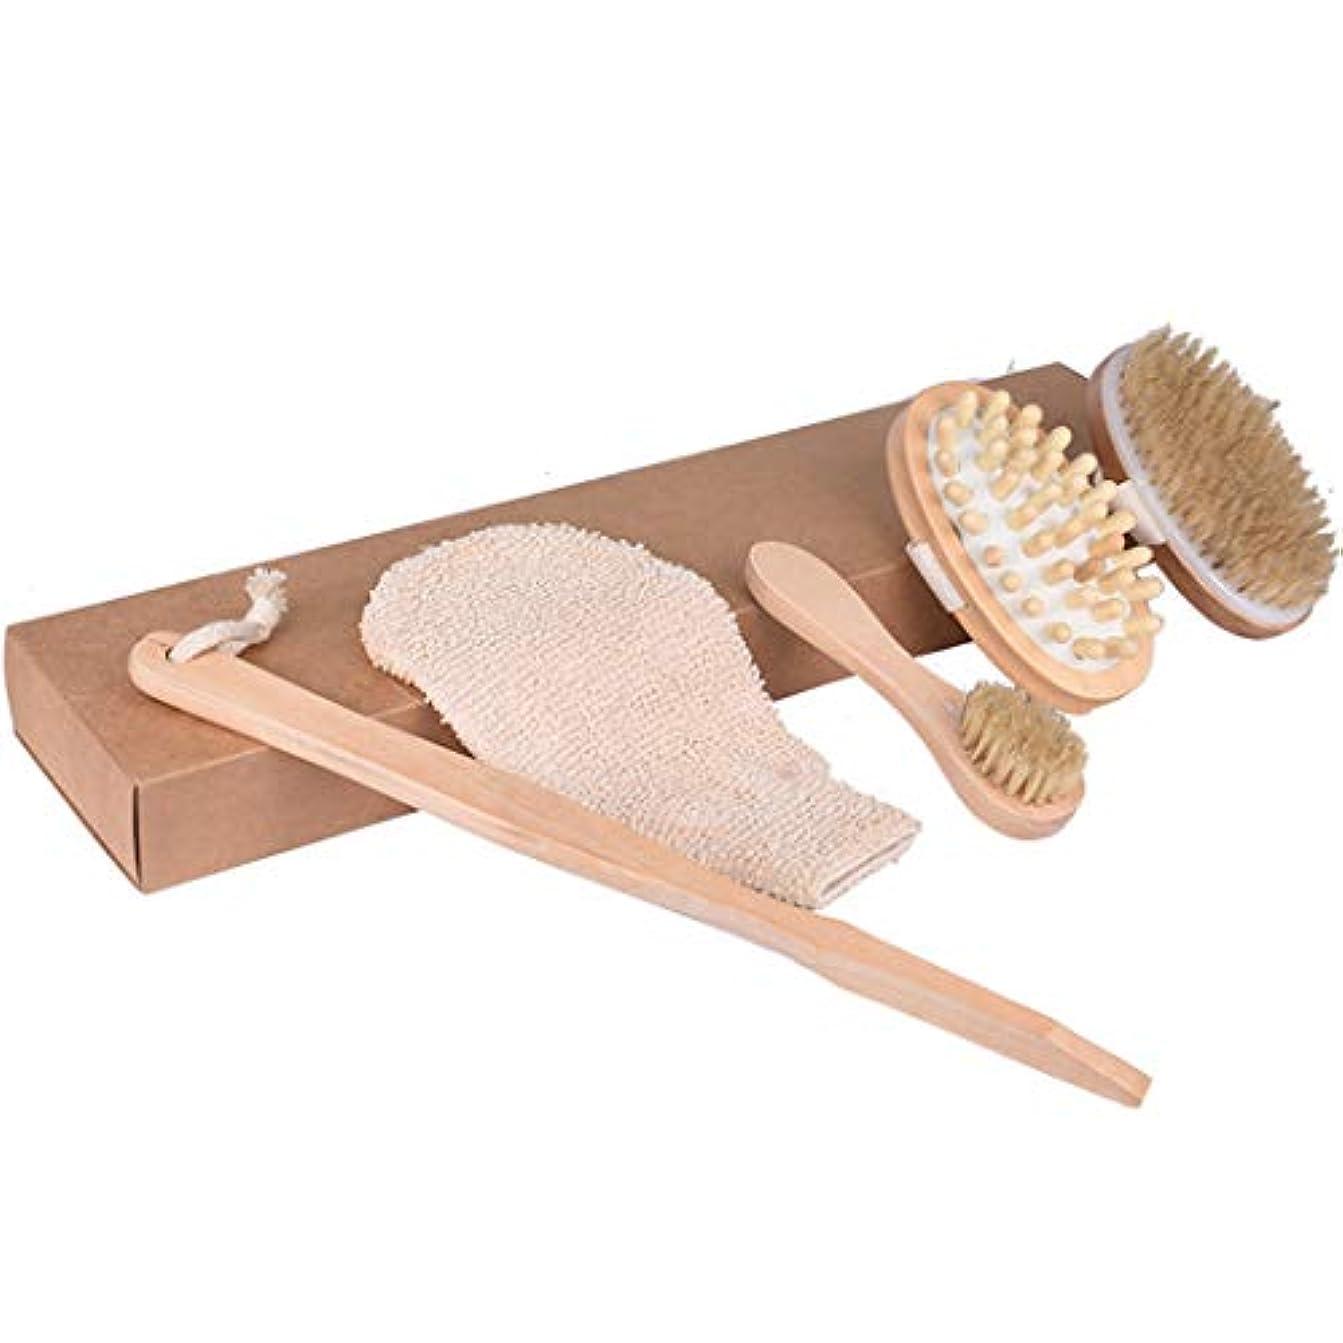 刺繍聖歌子豚GCOA 5の1 ドライブラッシングボディーブラシ セット - 天然のイノシシ剛毛ボディブラシ、角質除去ブラシ、バス&シャワーグローブ &スパマッサージャー 取り外し可能なハンドルを使って、素晴らしい贈り物 輝く肌と健康...